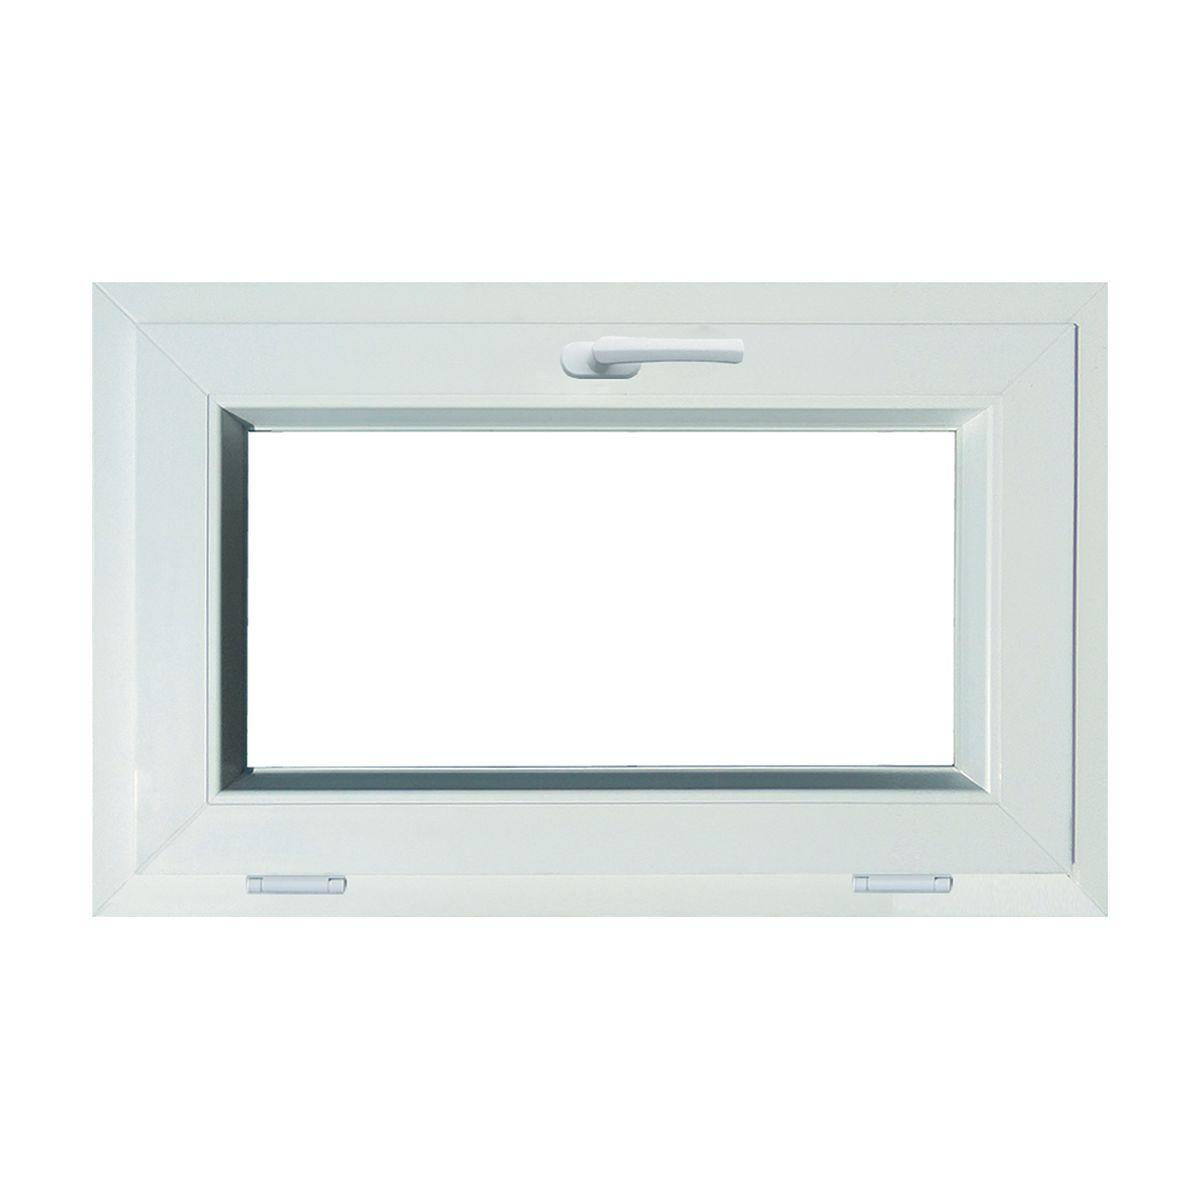 Finestre pvc misure standard great finestre pvc in for Finestre in pvc leroy merlin